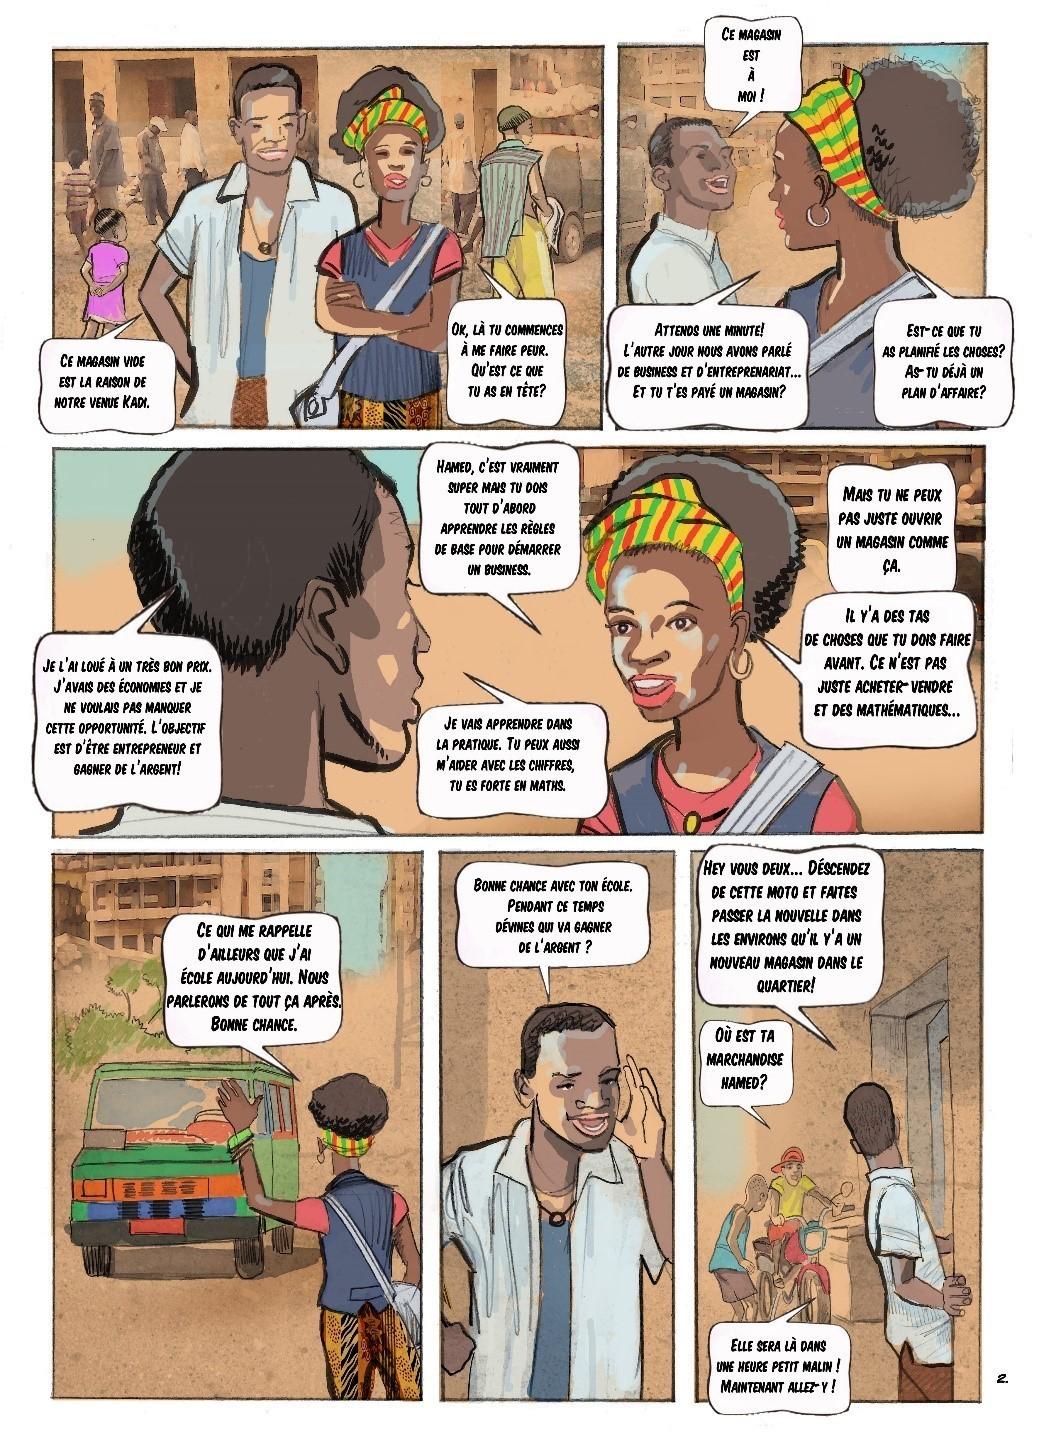 Extrait de la bande-dessinée développée par les incubateurs maliens Impact Hub Bamako et CREATEAM pour la formation à l'entrepreneuriat dans le cadre du Projet de Développement des Compétences et Emploi des Jeunes de la Banque mondiale.